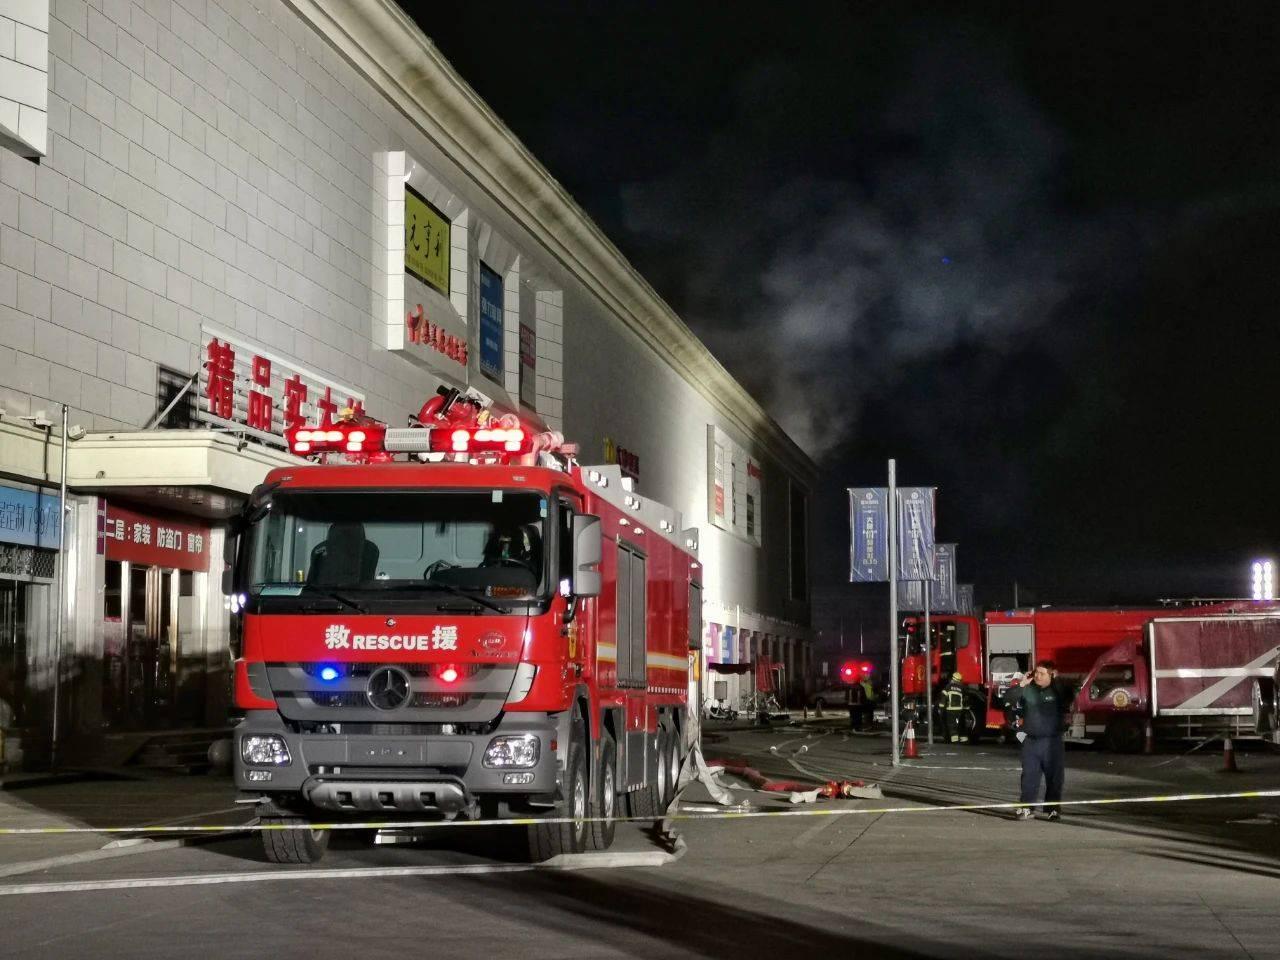 大火事故敲响储能行业安全警钟  呼吁尽快出台标准